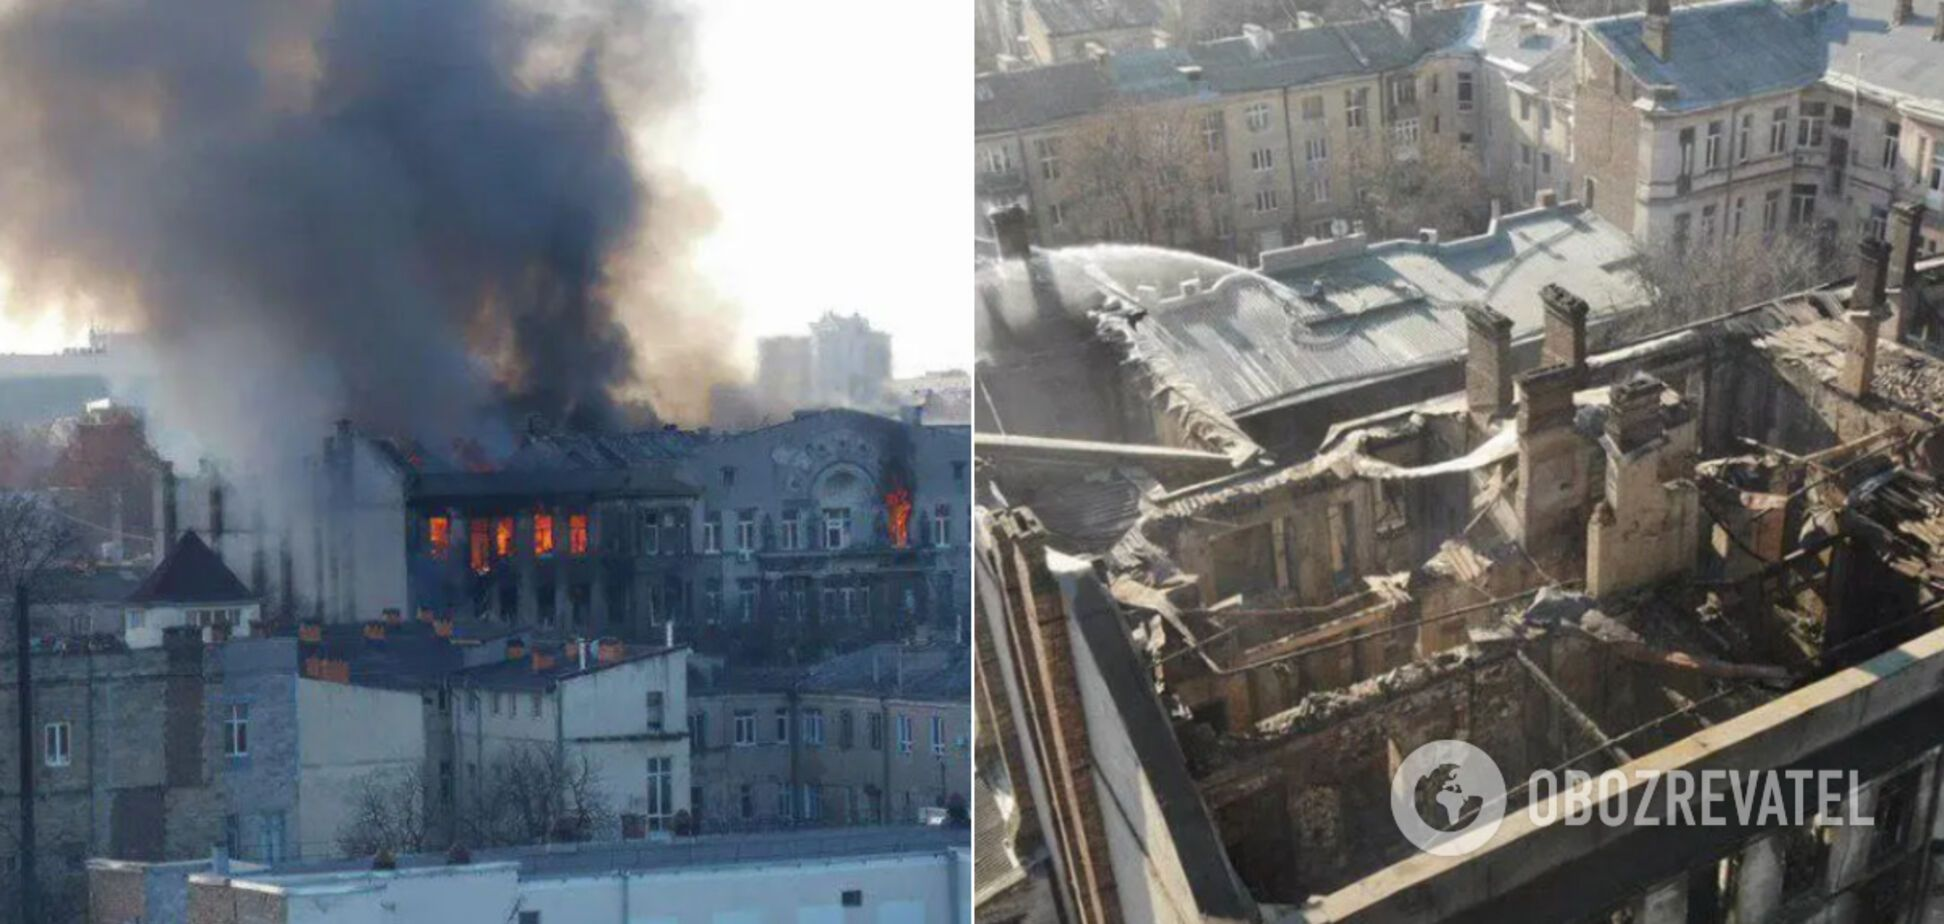 Названо обвинувачених у пожежі в Одеському коледжі, яка забрала життя 16 осіб